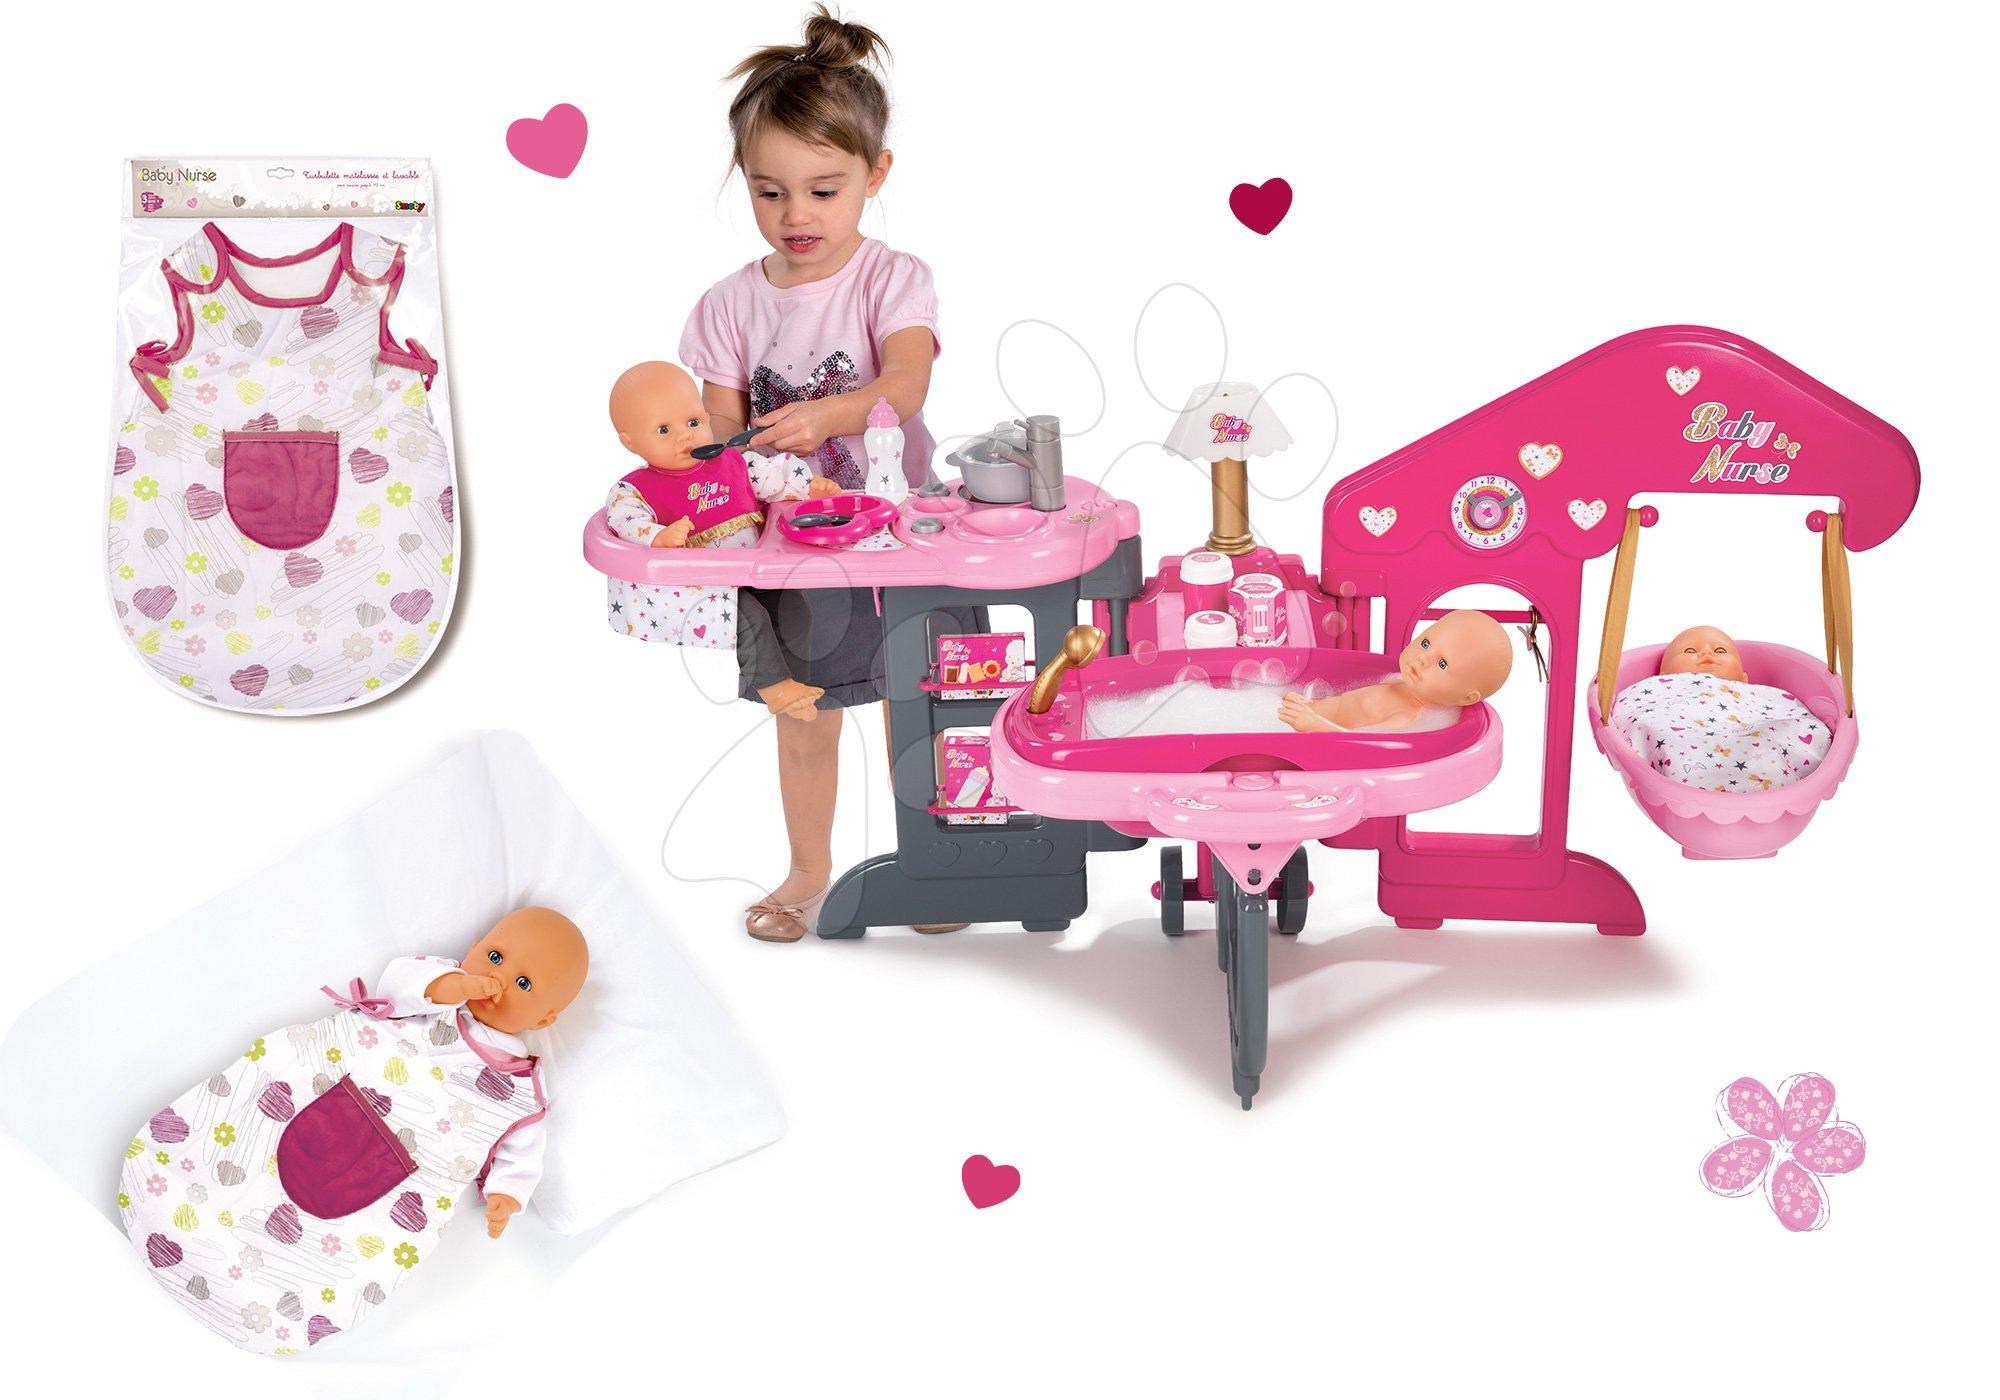 Domčeky pre bábiky sety - Set opatrovateľské centrum pre bábiku Baby Nurse Smoby a nočný úbor pre bábiku 42 cm